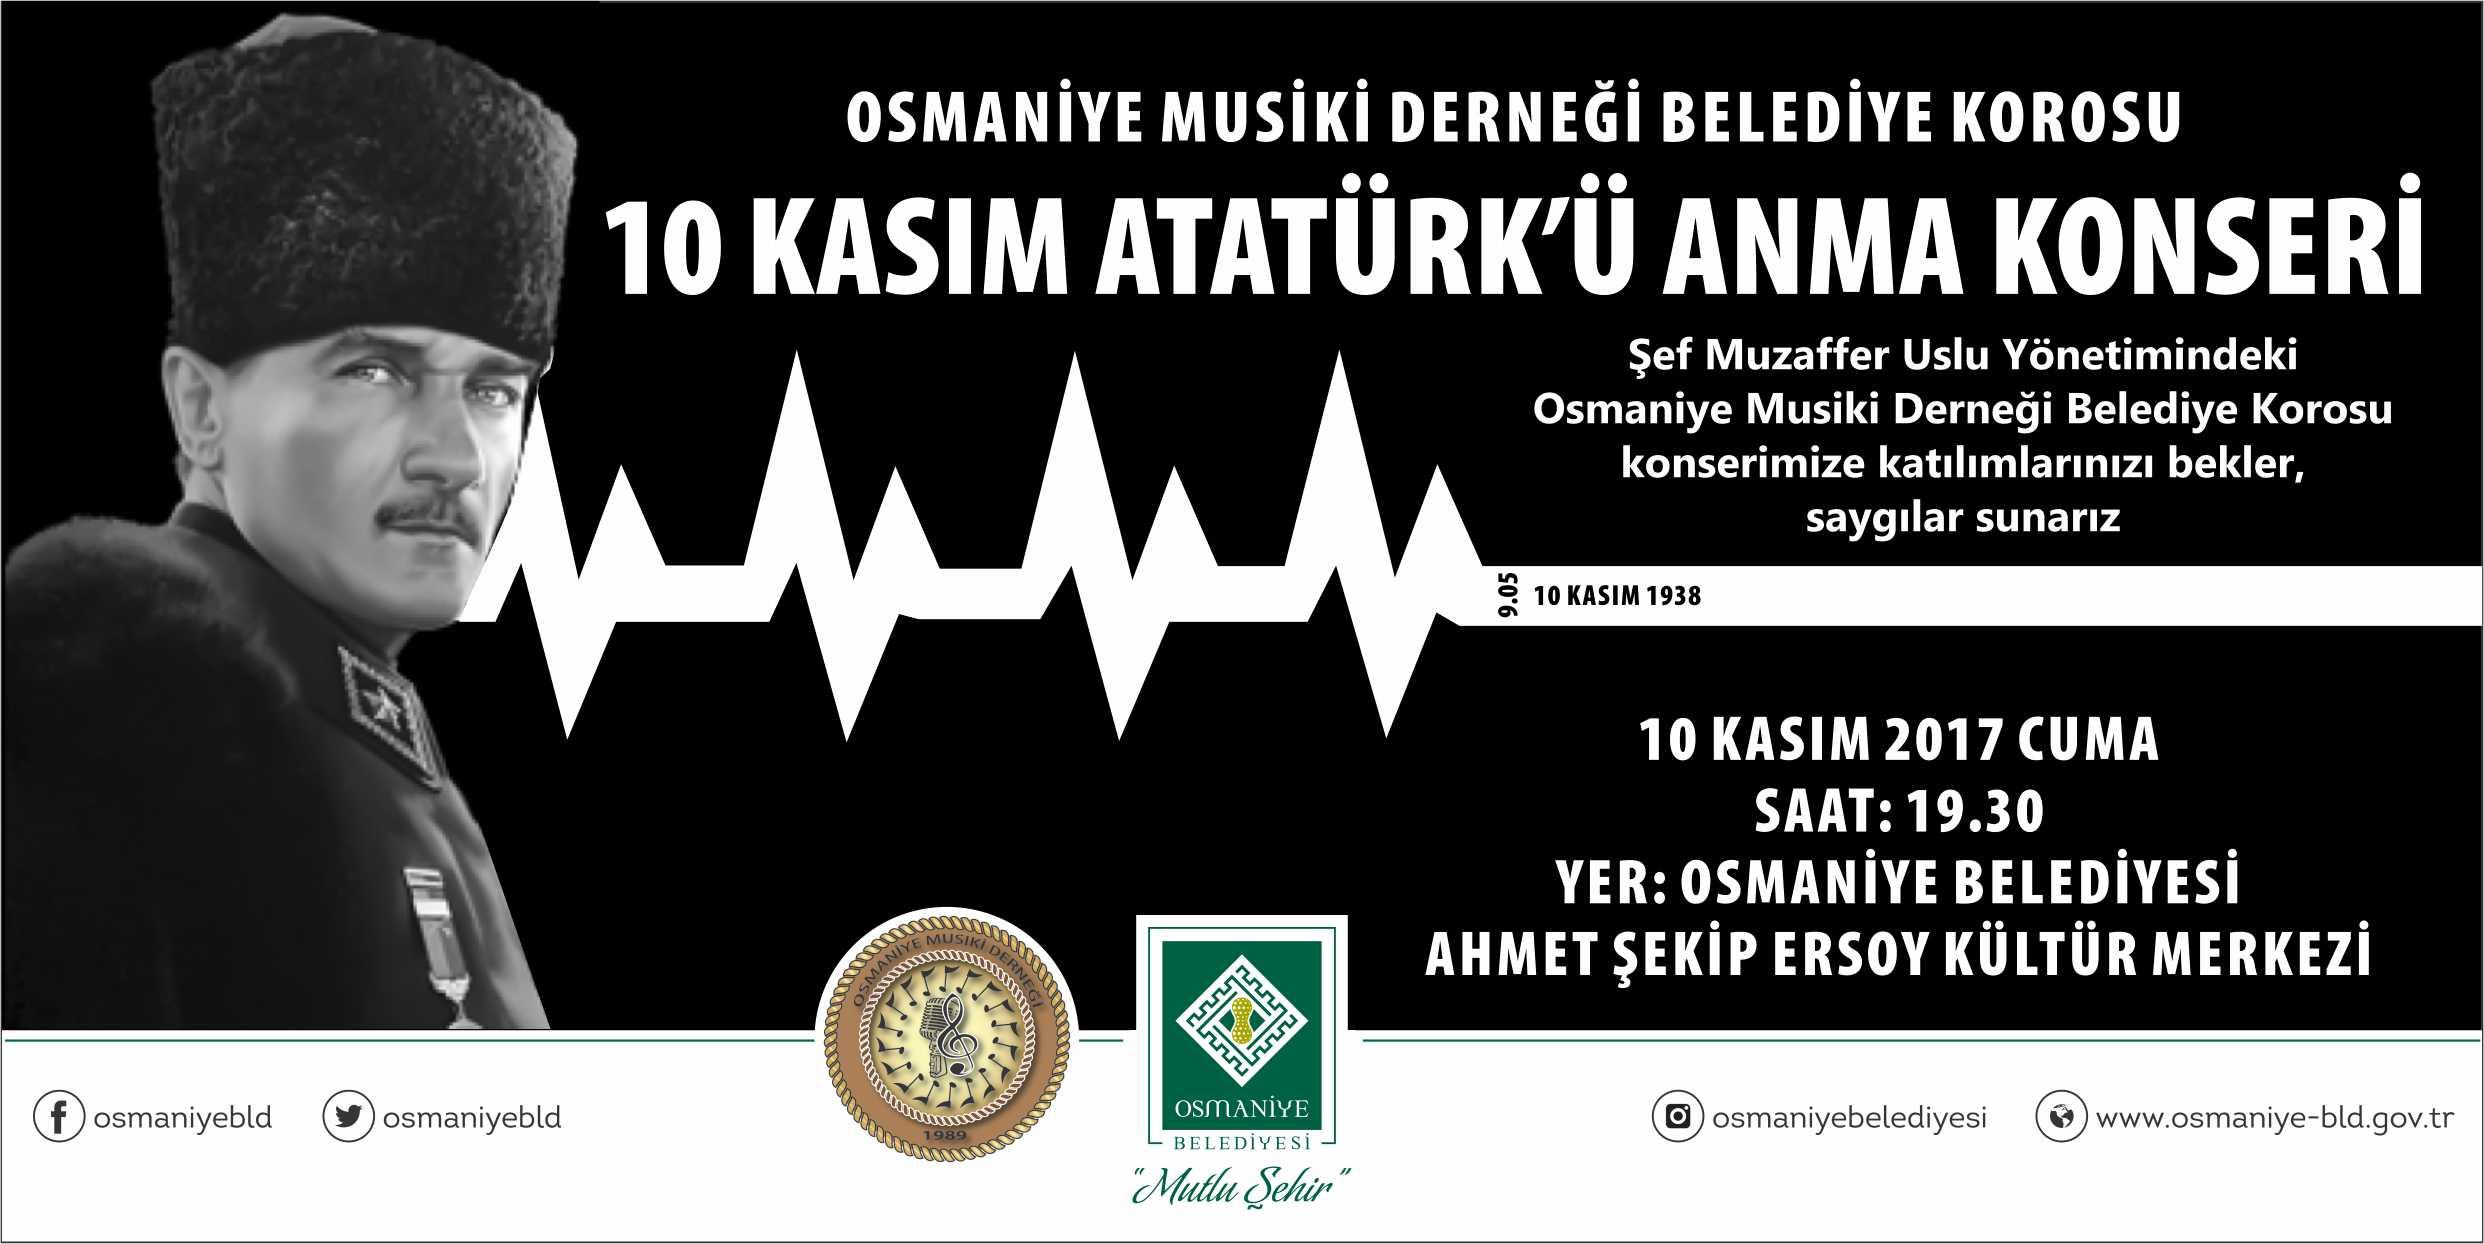 10 Kasım Atatürk'ü Anma Konseri